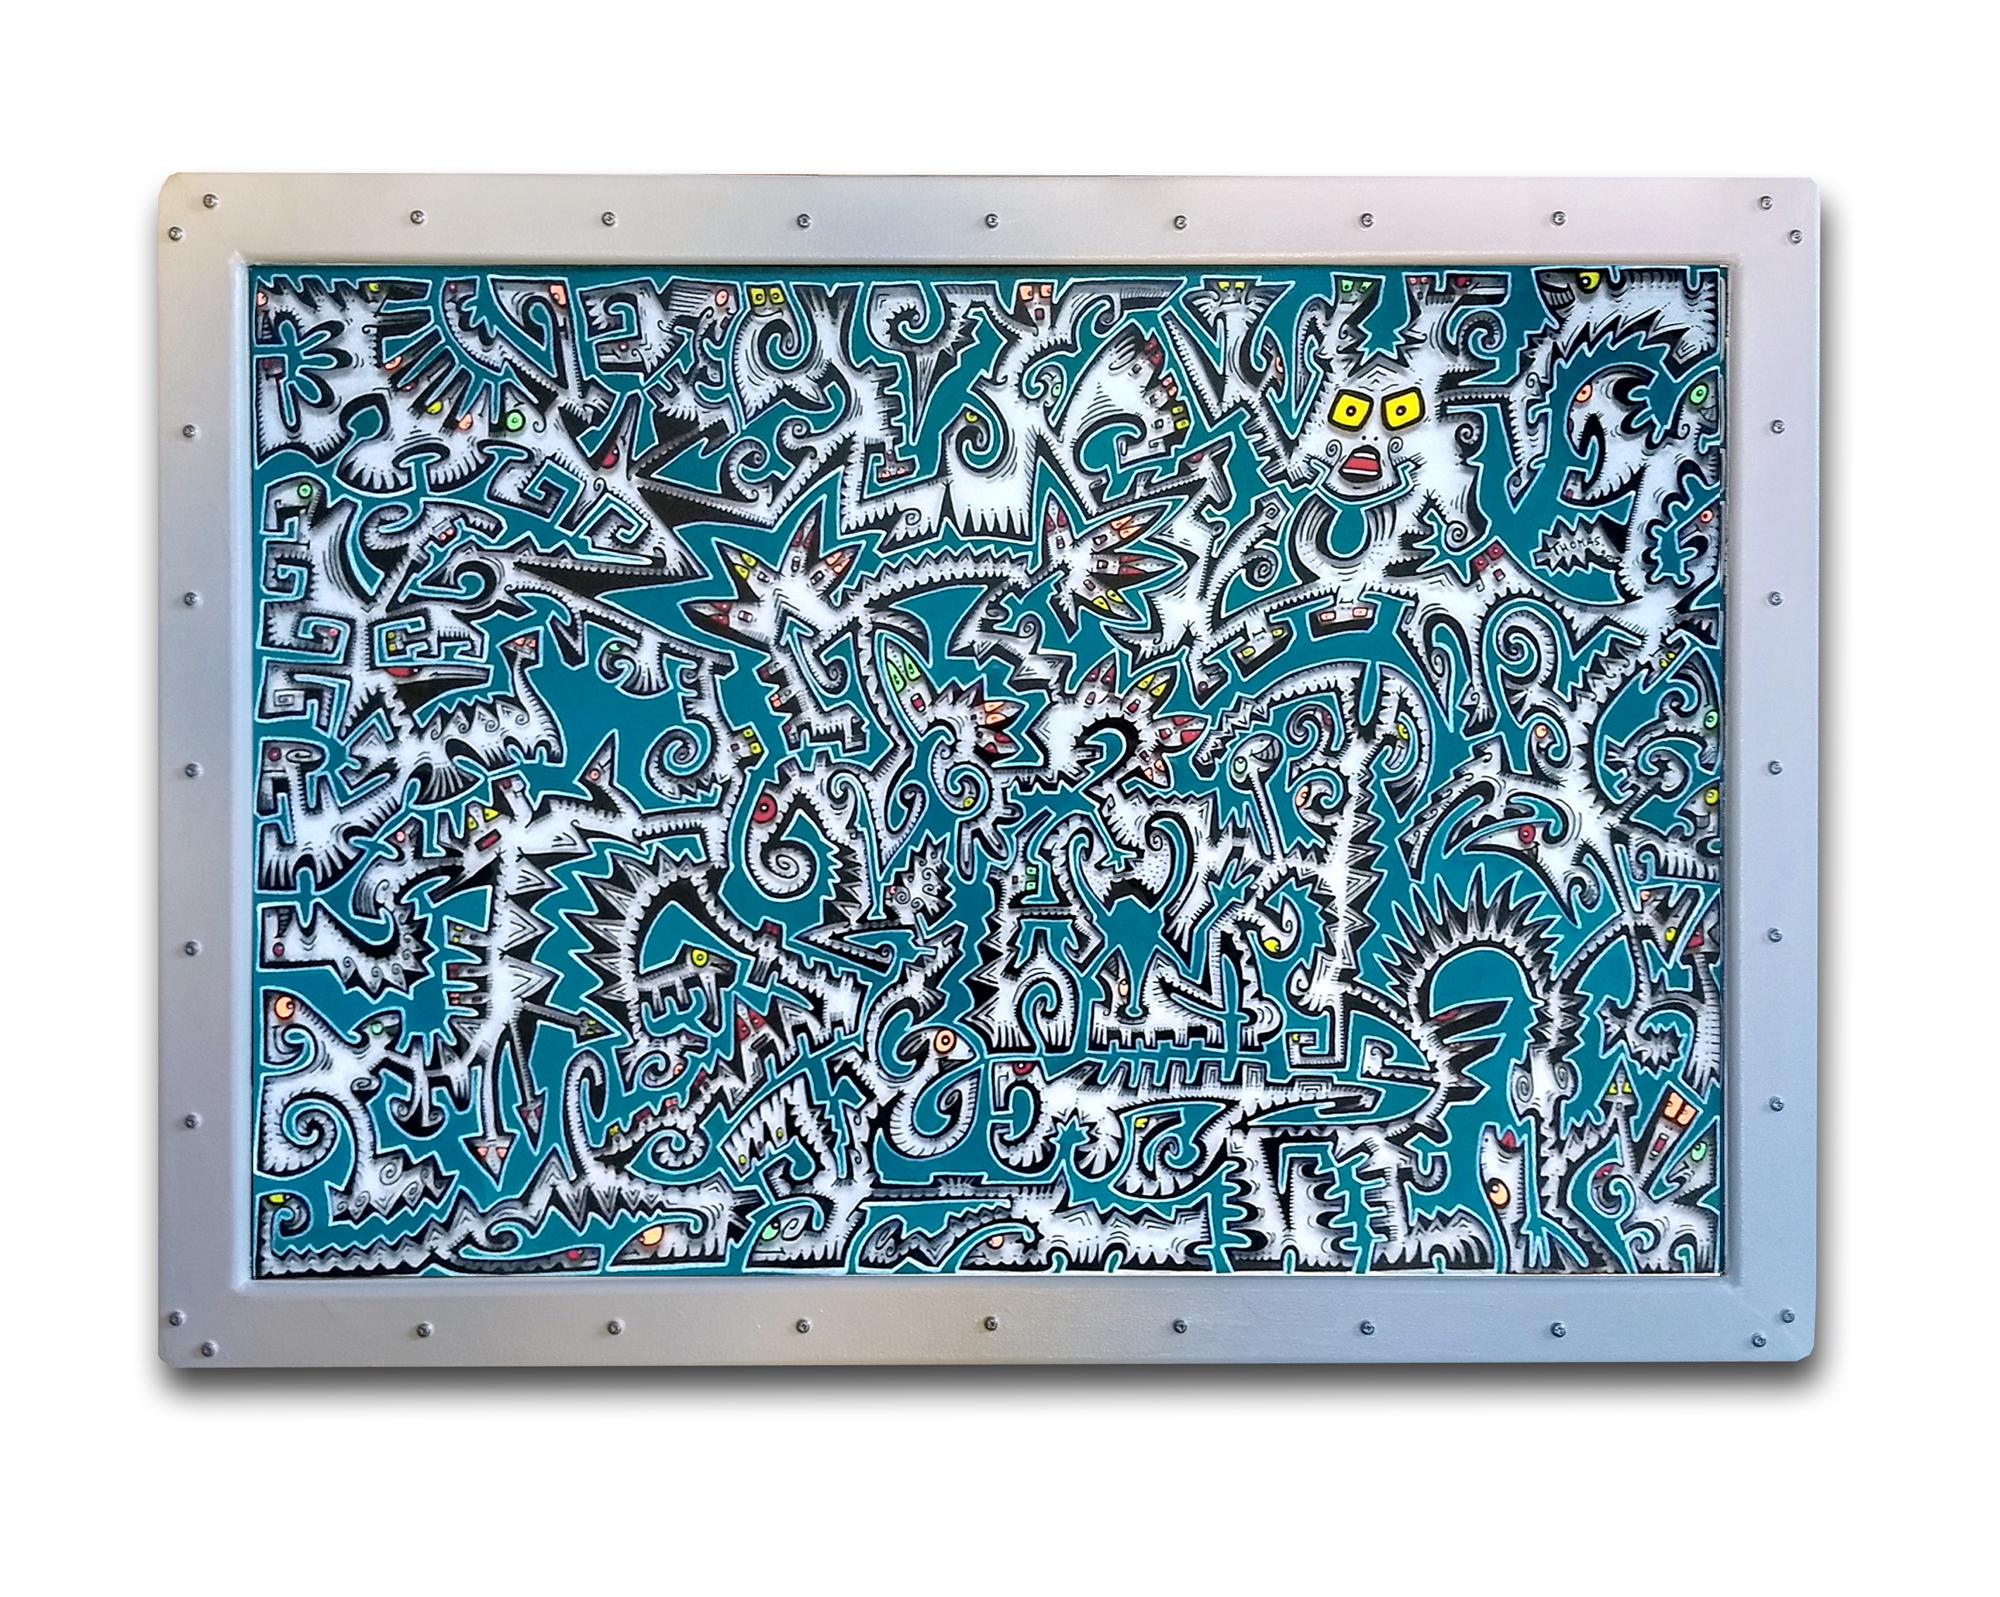 Titre : GT1 / feutres acrylique sur translucide/ cadre bois blanc satin/ format avec cadre : 50/70 cm/ prix: 200 euros